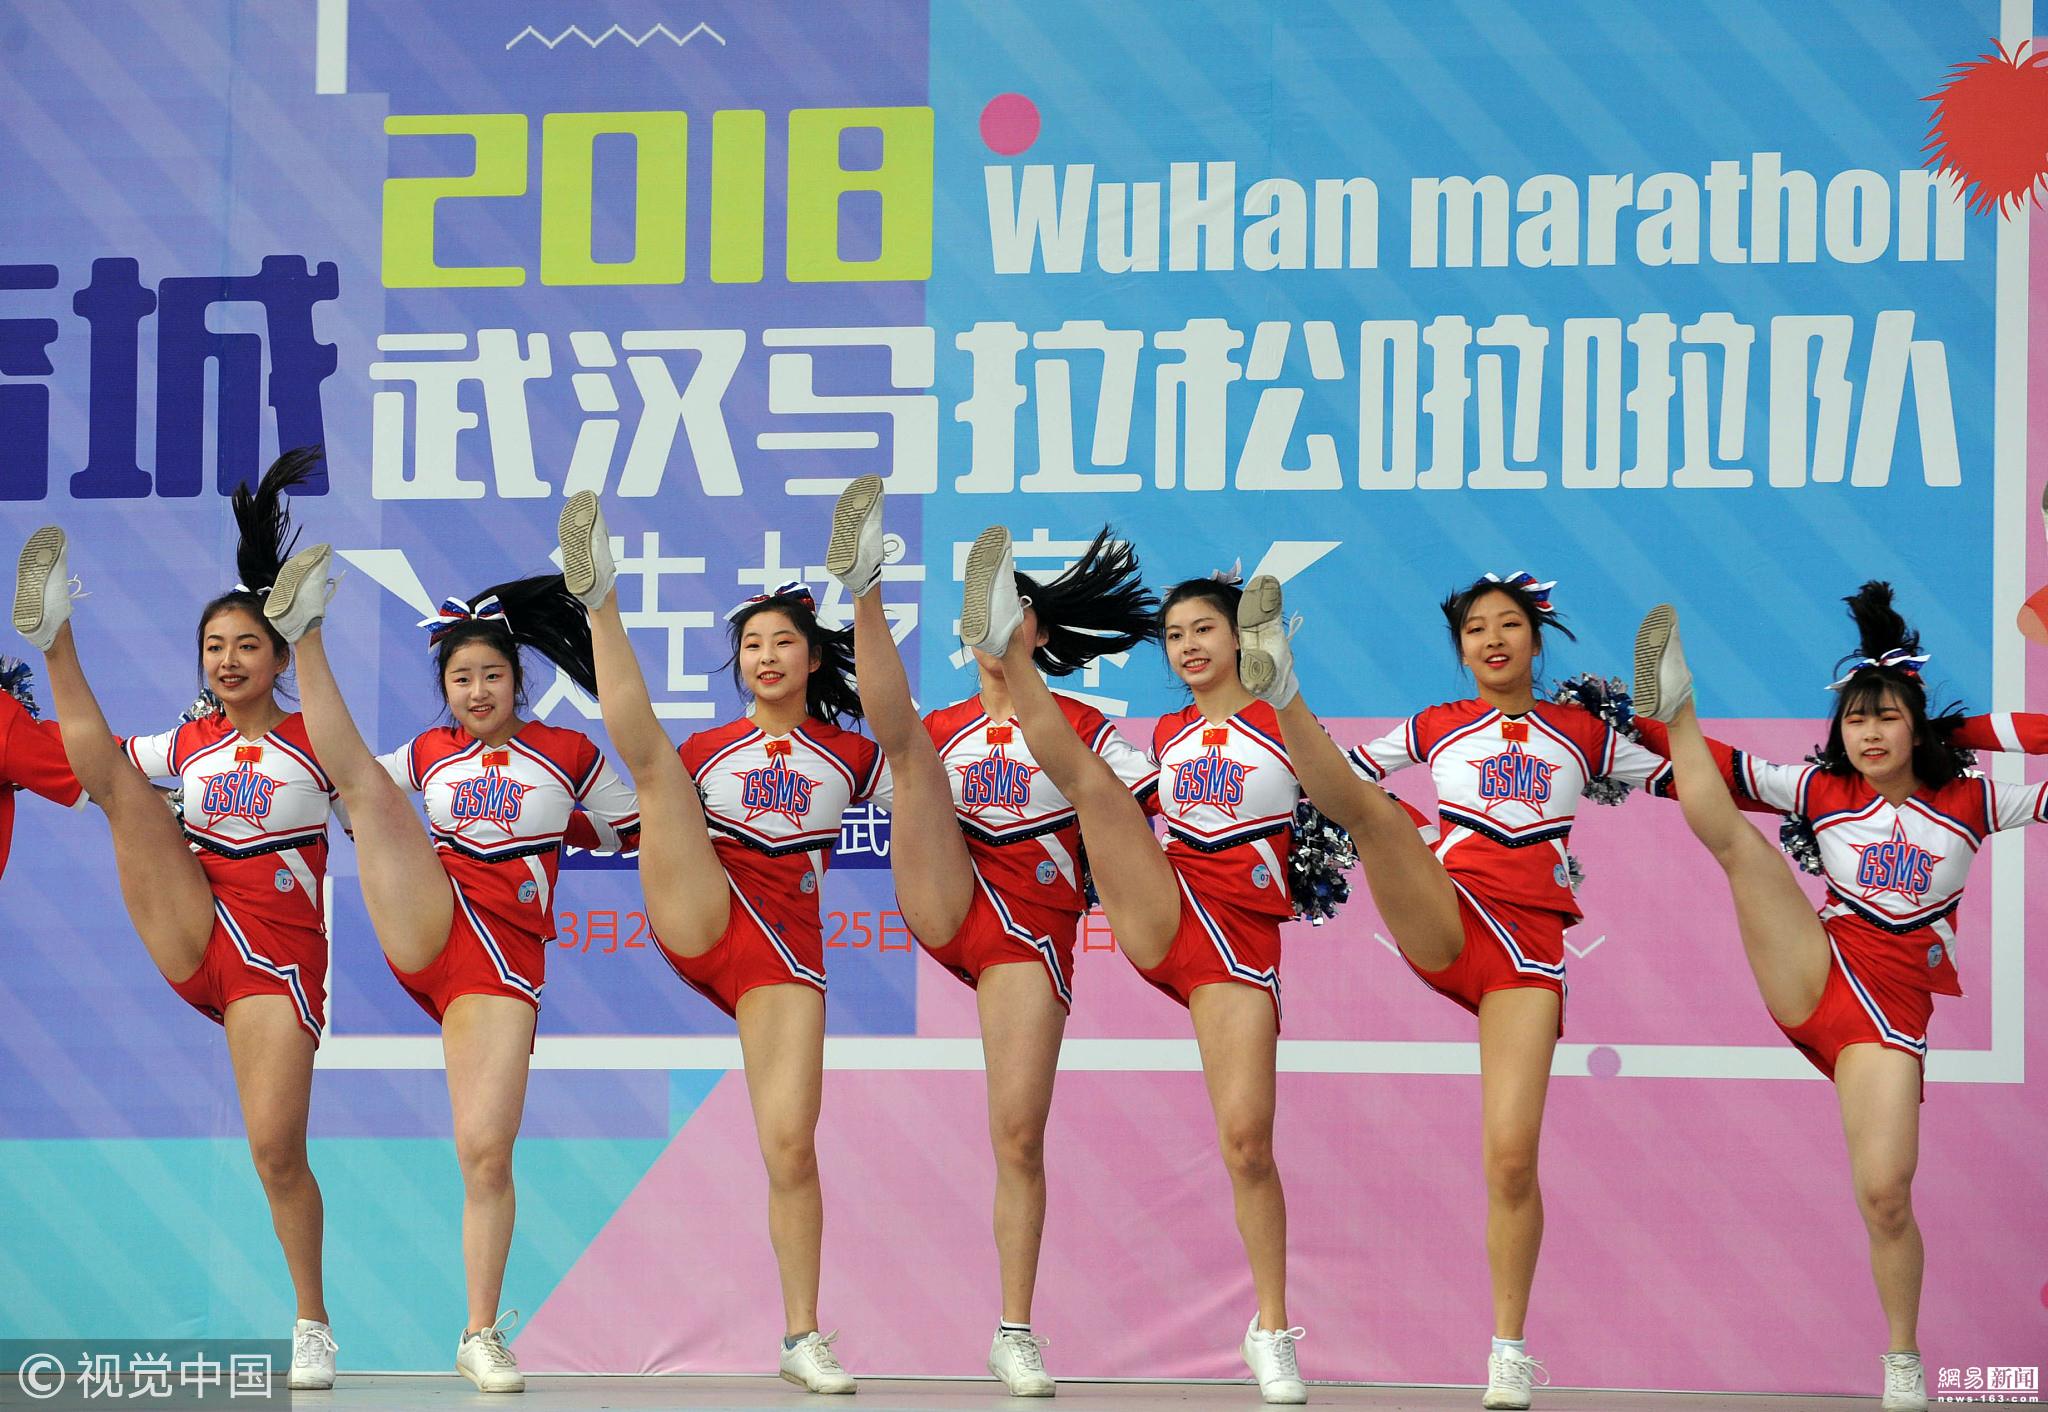 武汉选拔马拉松啦啦队 校花云集满屏长腿 - 周公乐 - xinhua8848 的博客